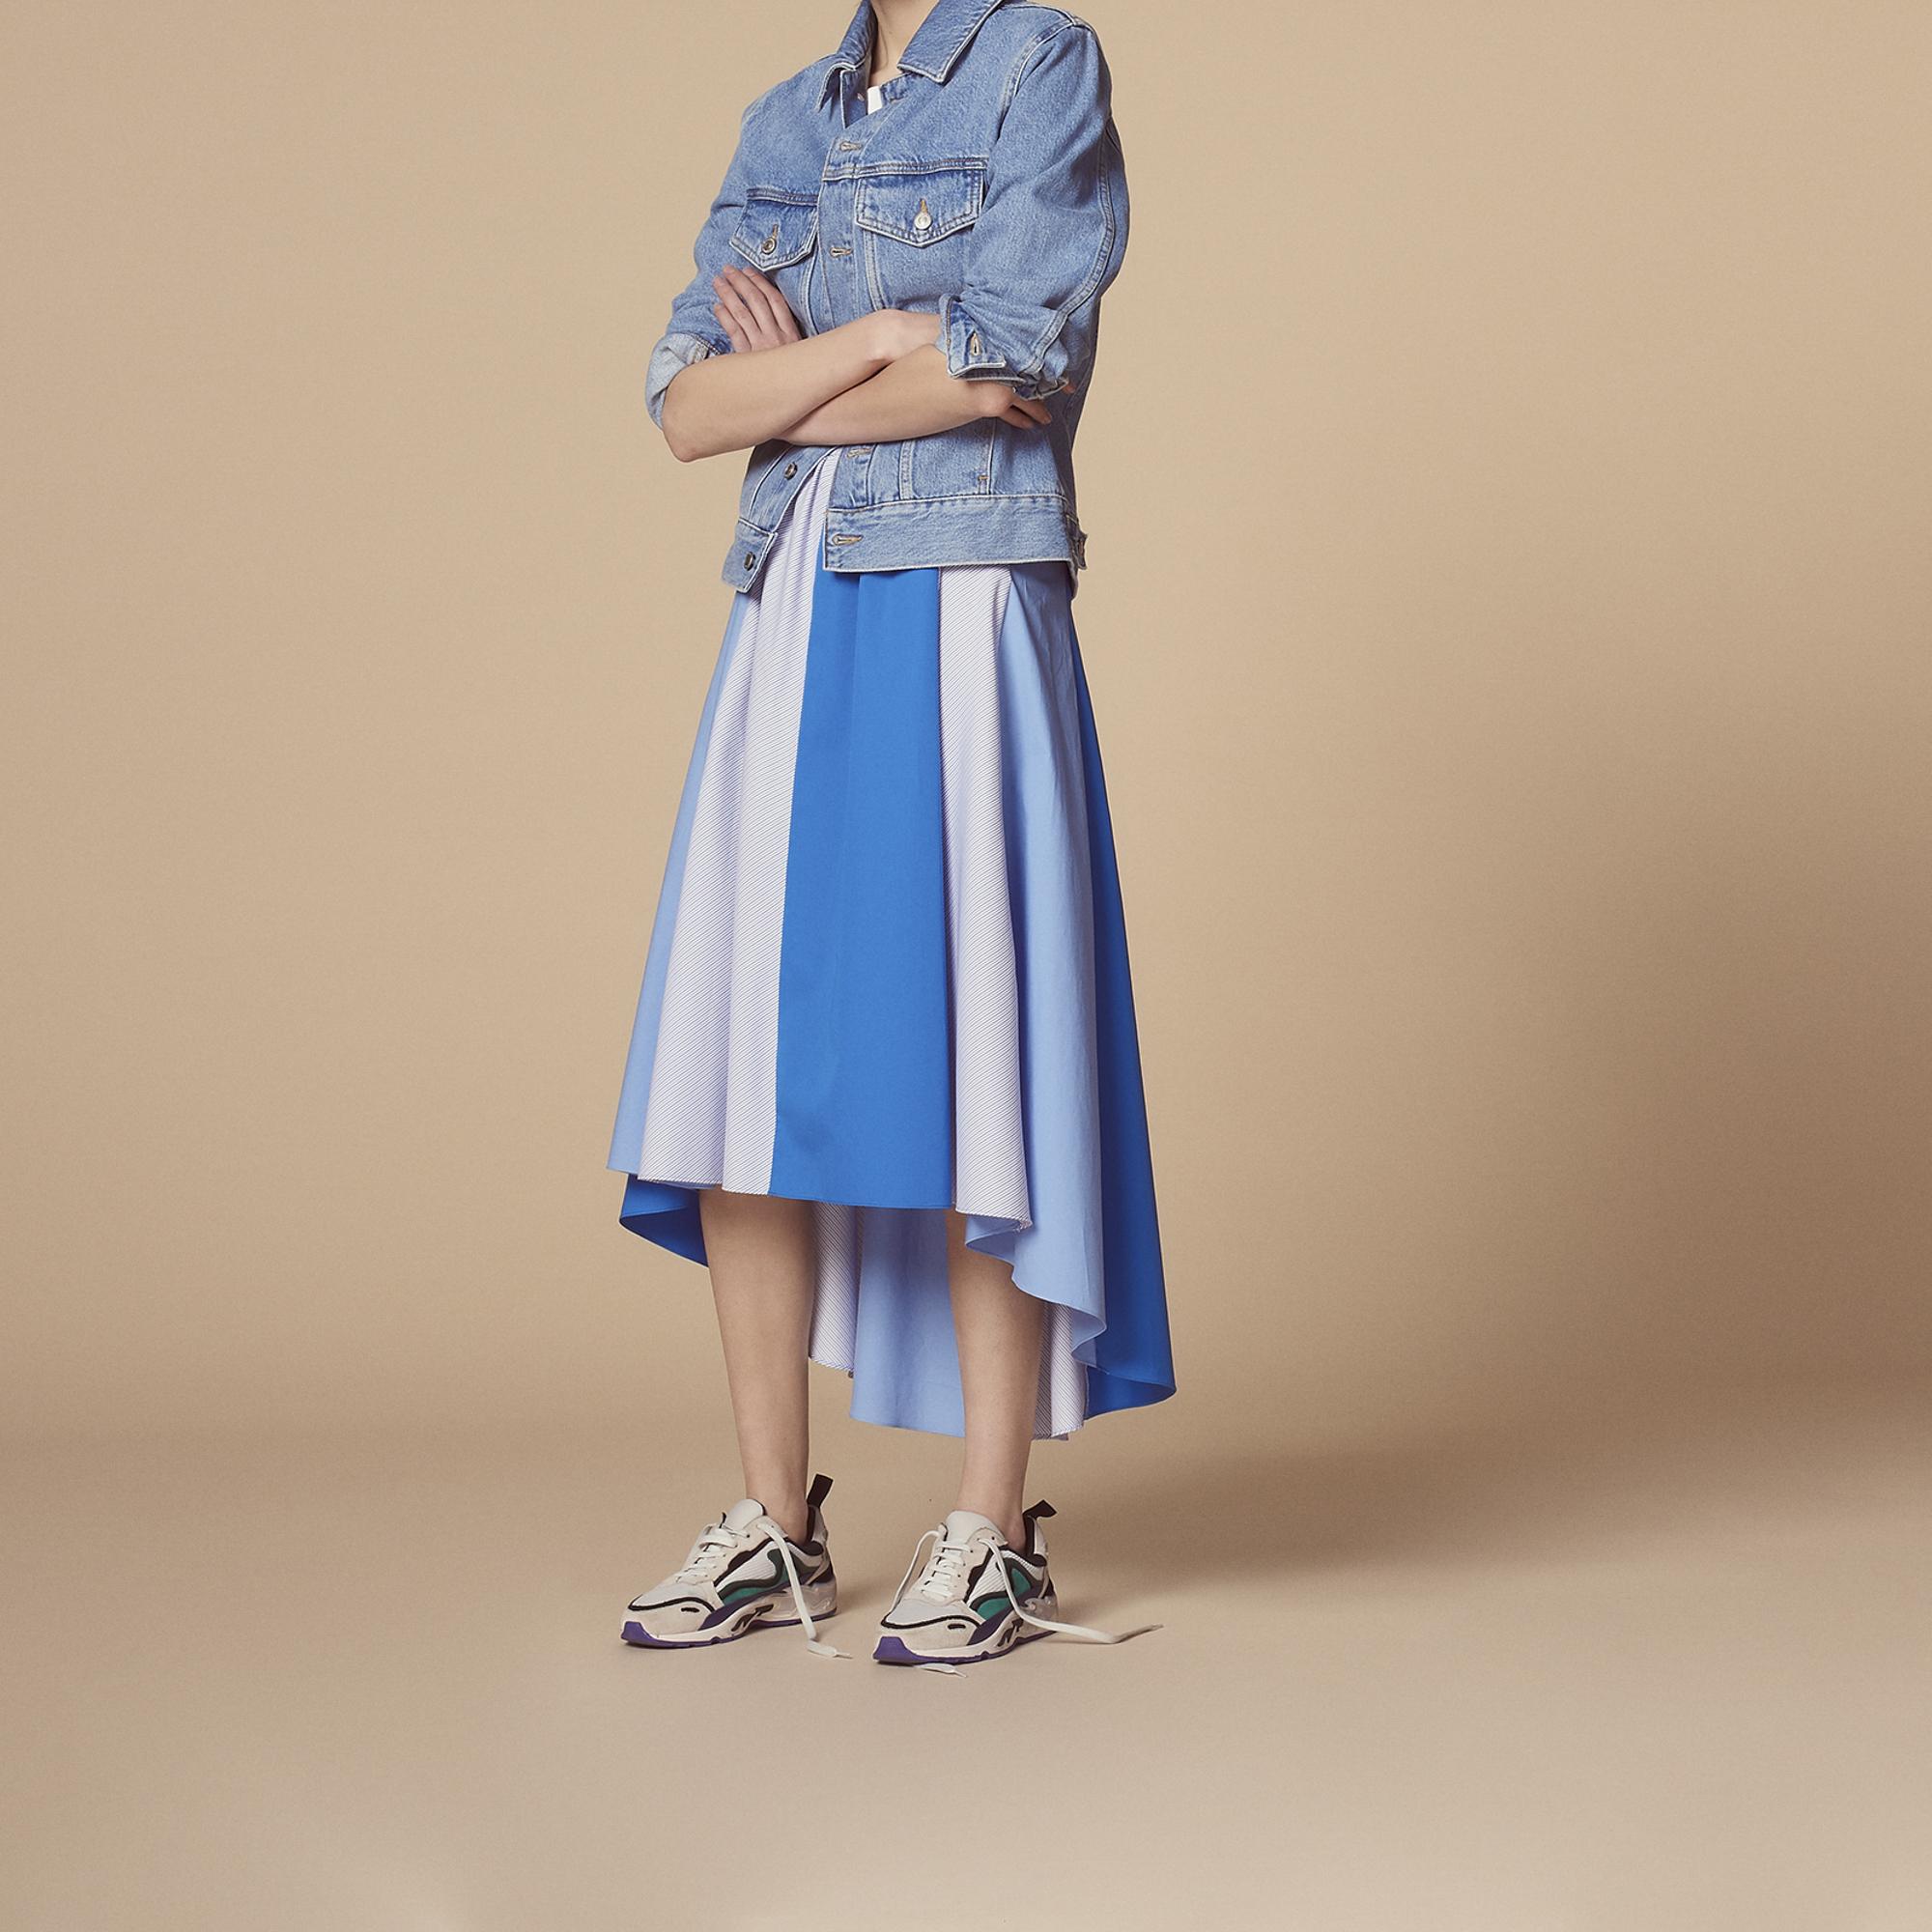 Gonna lunga asimmetrica bicolore : Gonne & Short colore Blu ceruleo